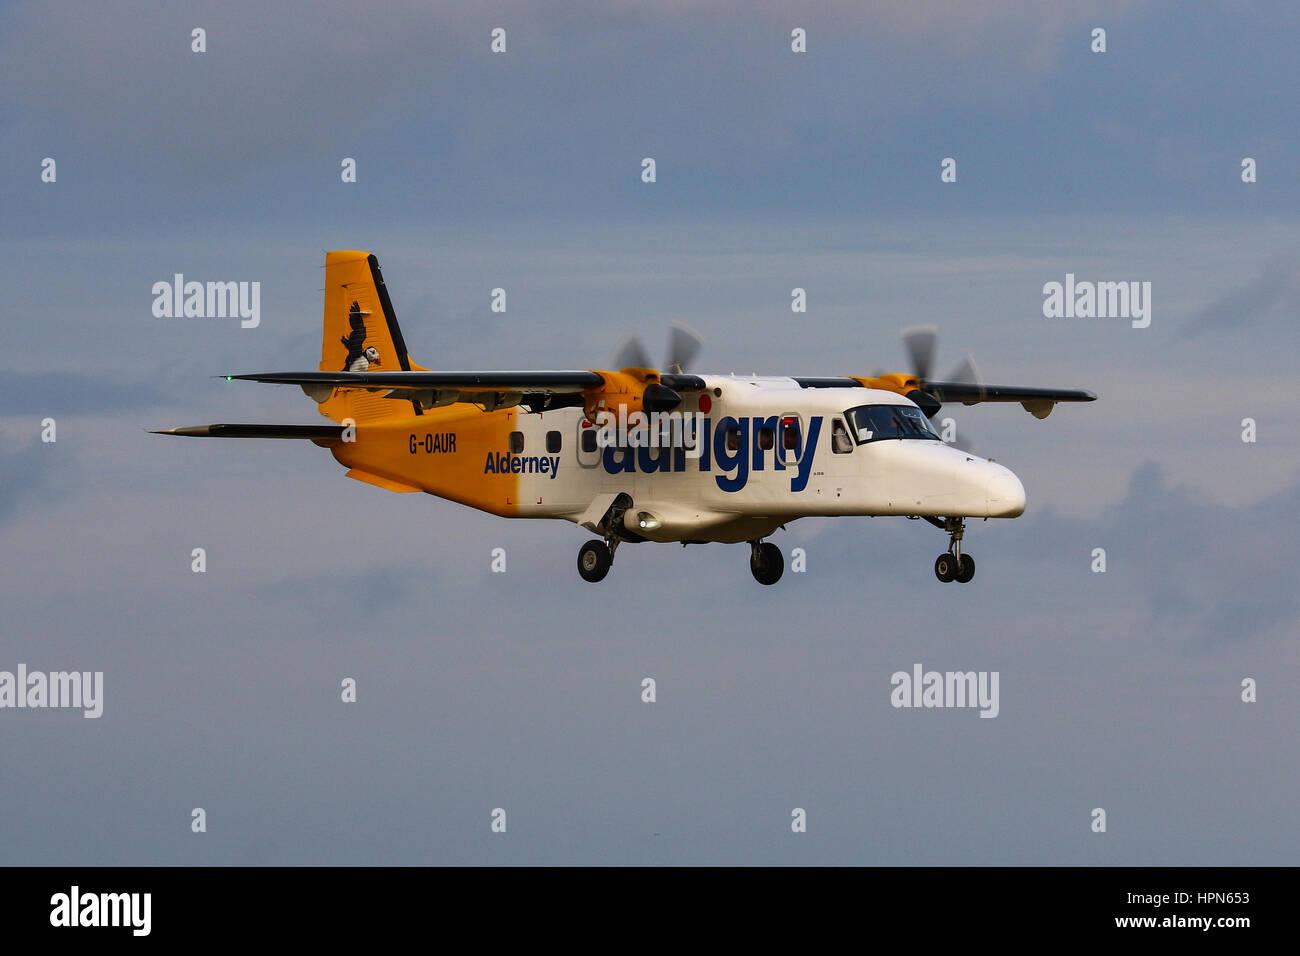 Aurigny Air Services Dornier 228NG landing at Southampton Airport, UK - Stock Image